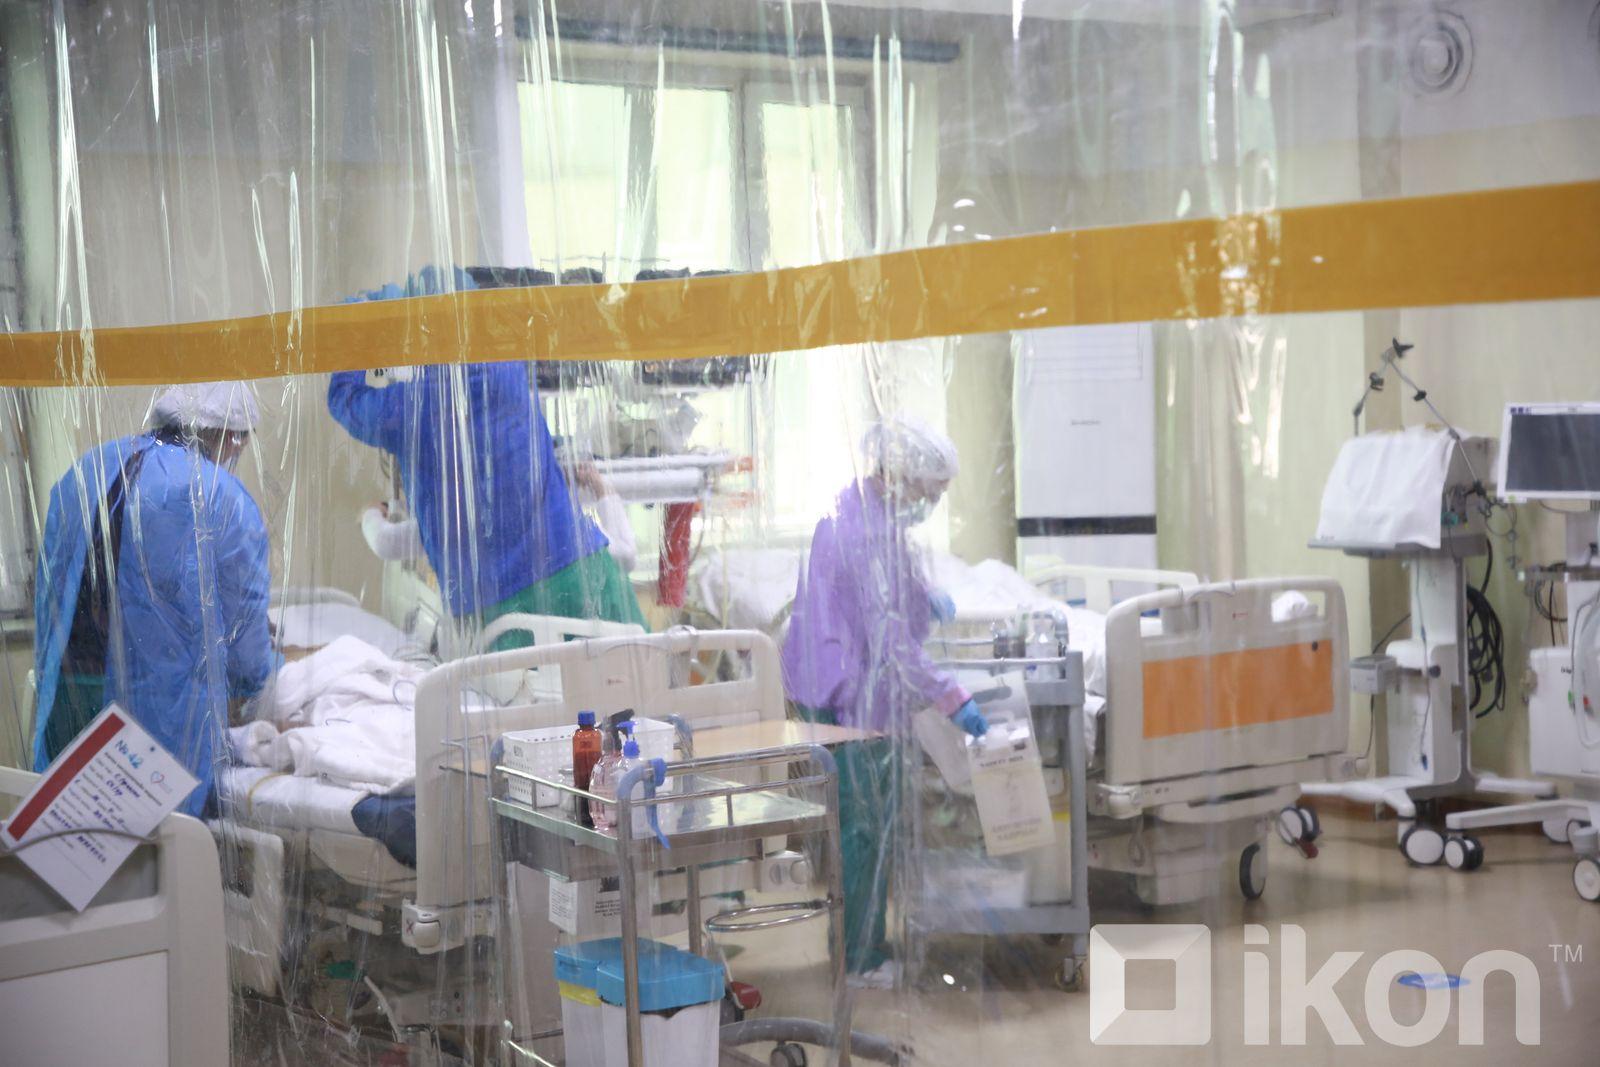 지난 24시간 동안, 2,939명의 새로운 코로나바이러스 감염 사례가 등록되었고 10명이 사망하여.jpg